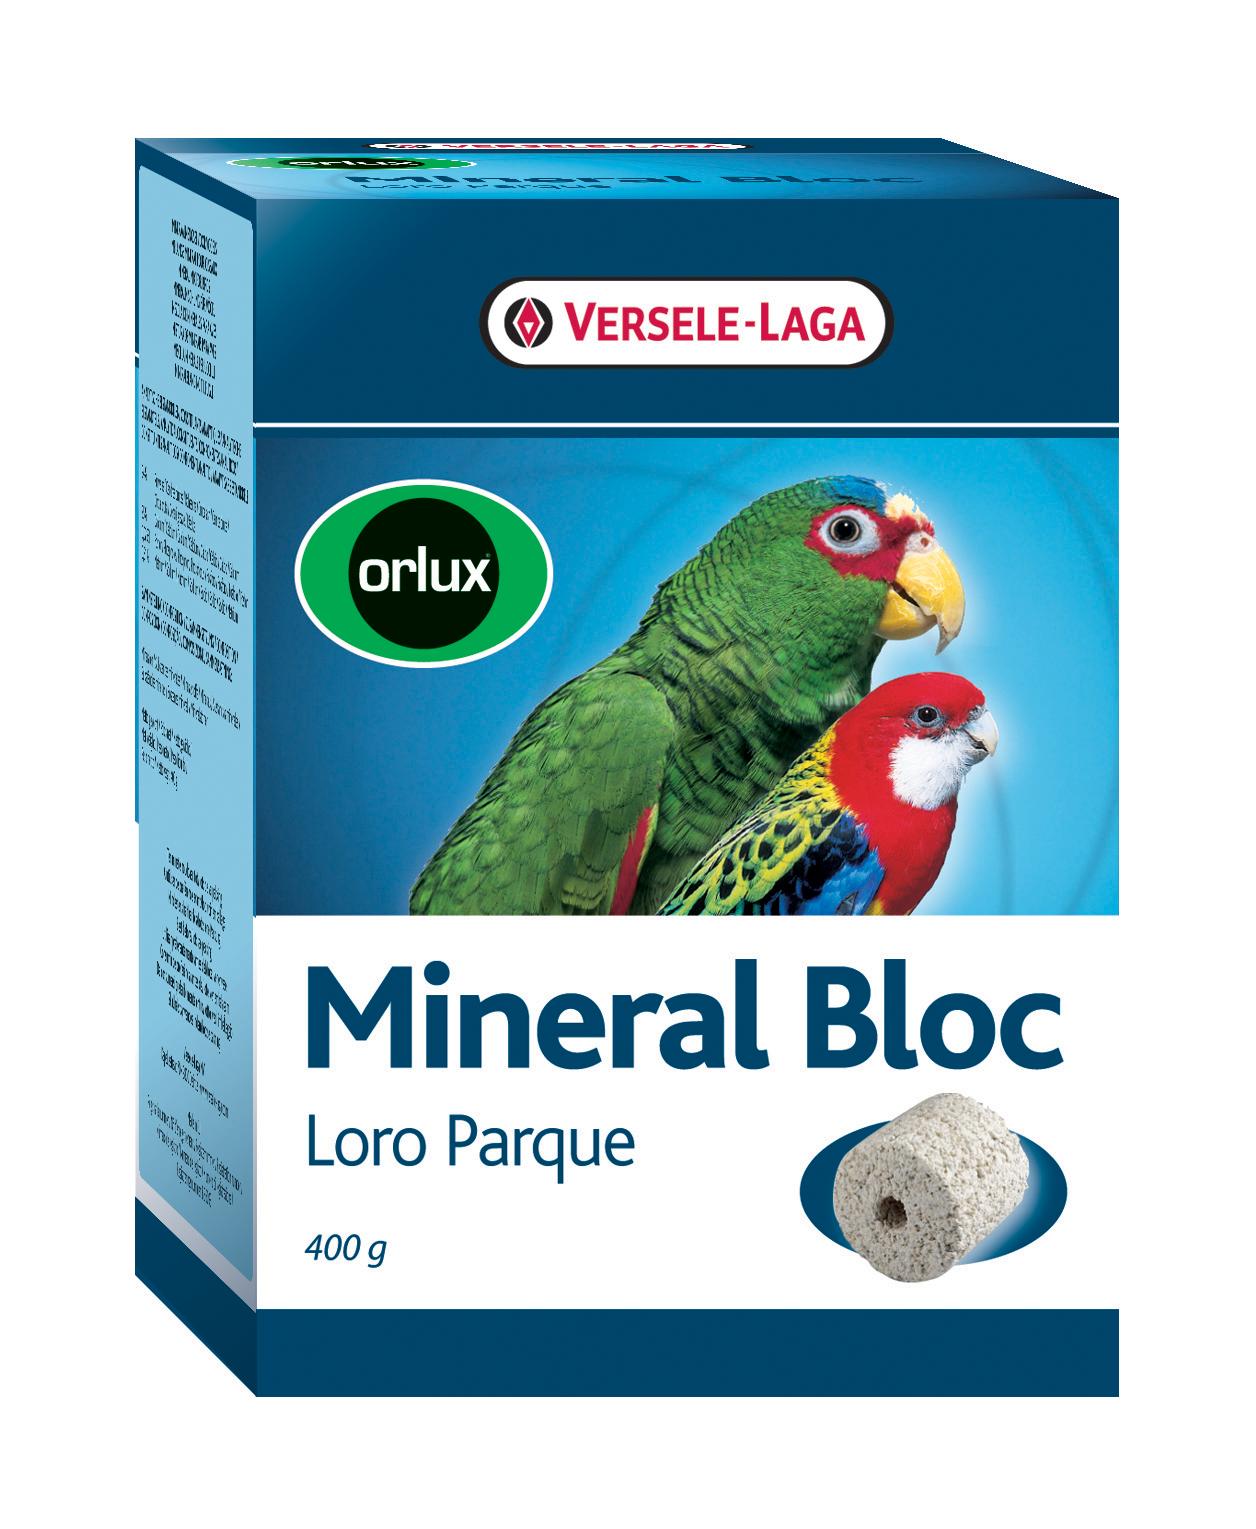 VERSELE-LAGA ORLUX Mineral Bloc Loro Parque 400 g